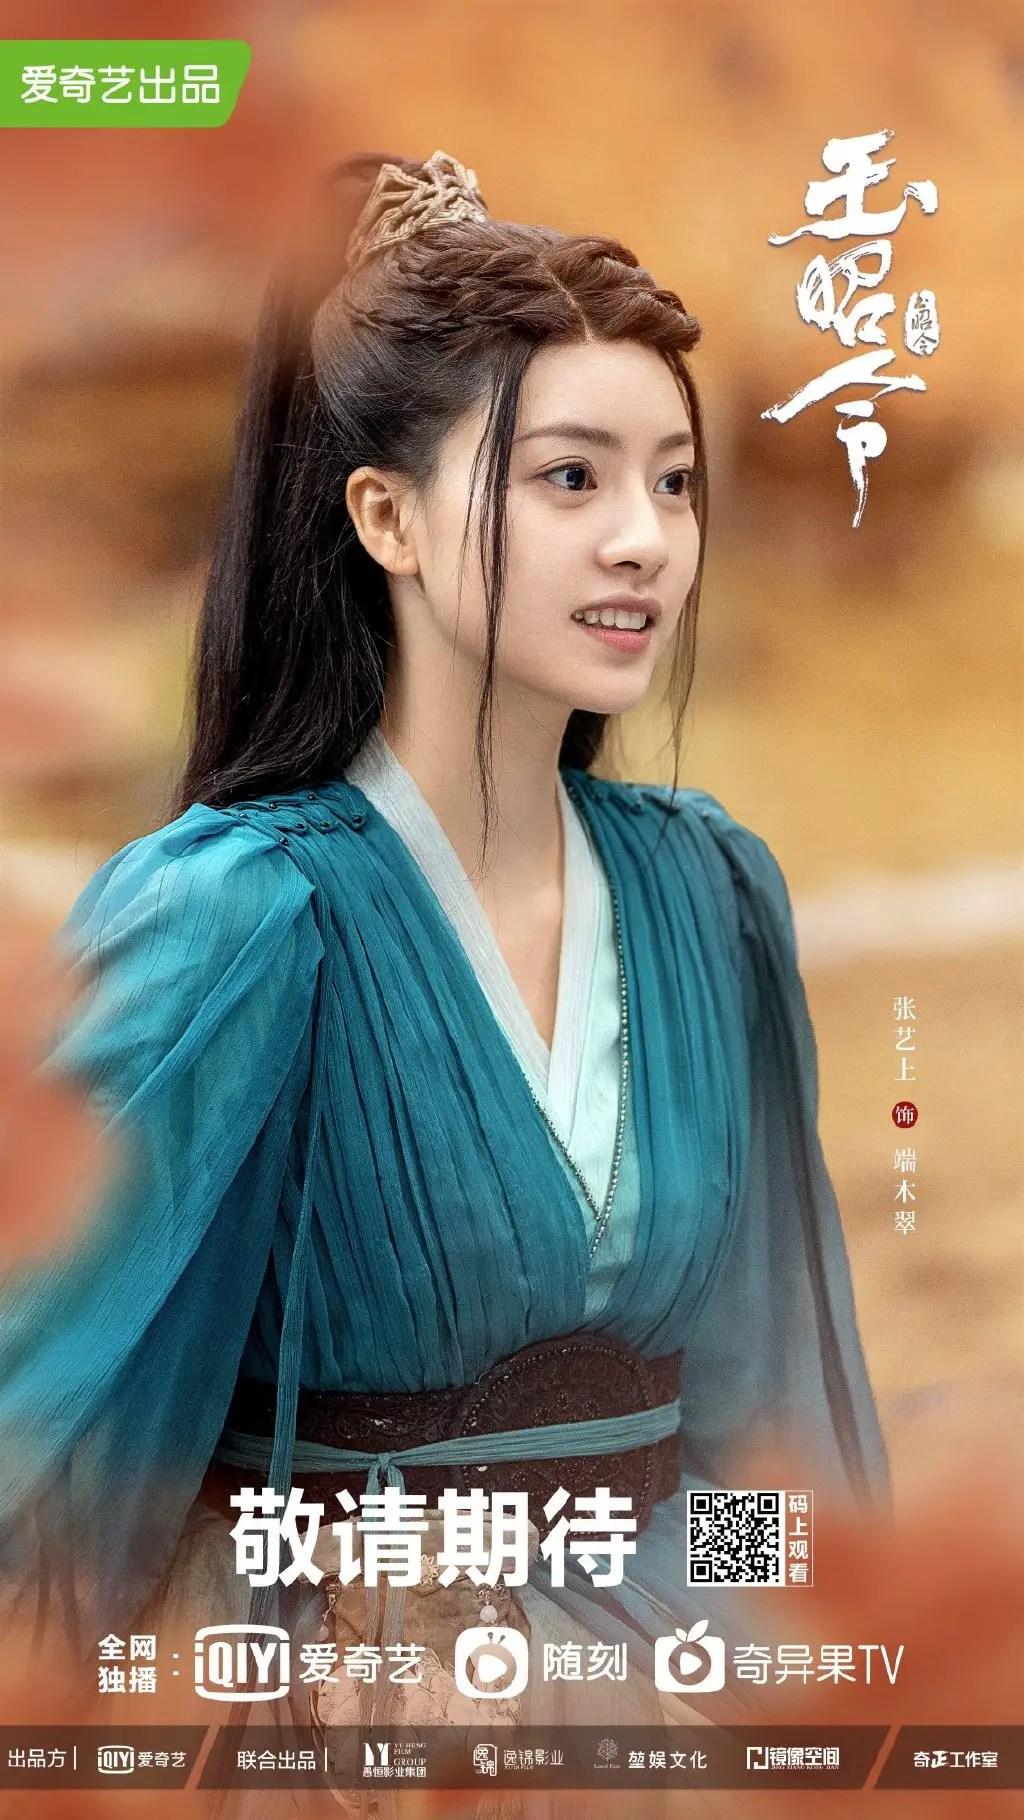 Zhang Yi Shang